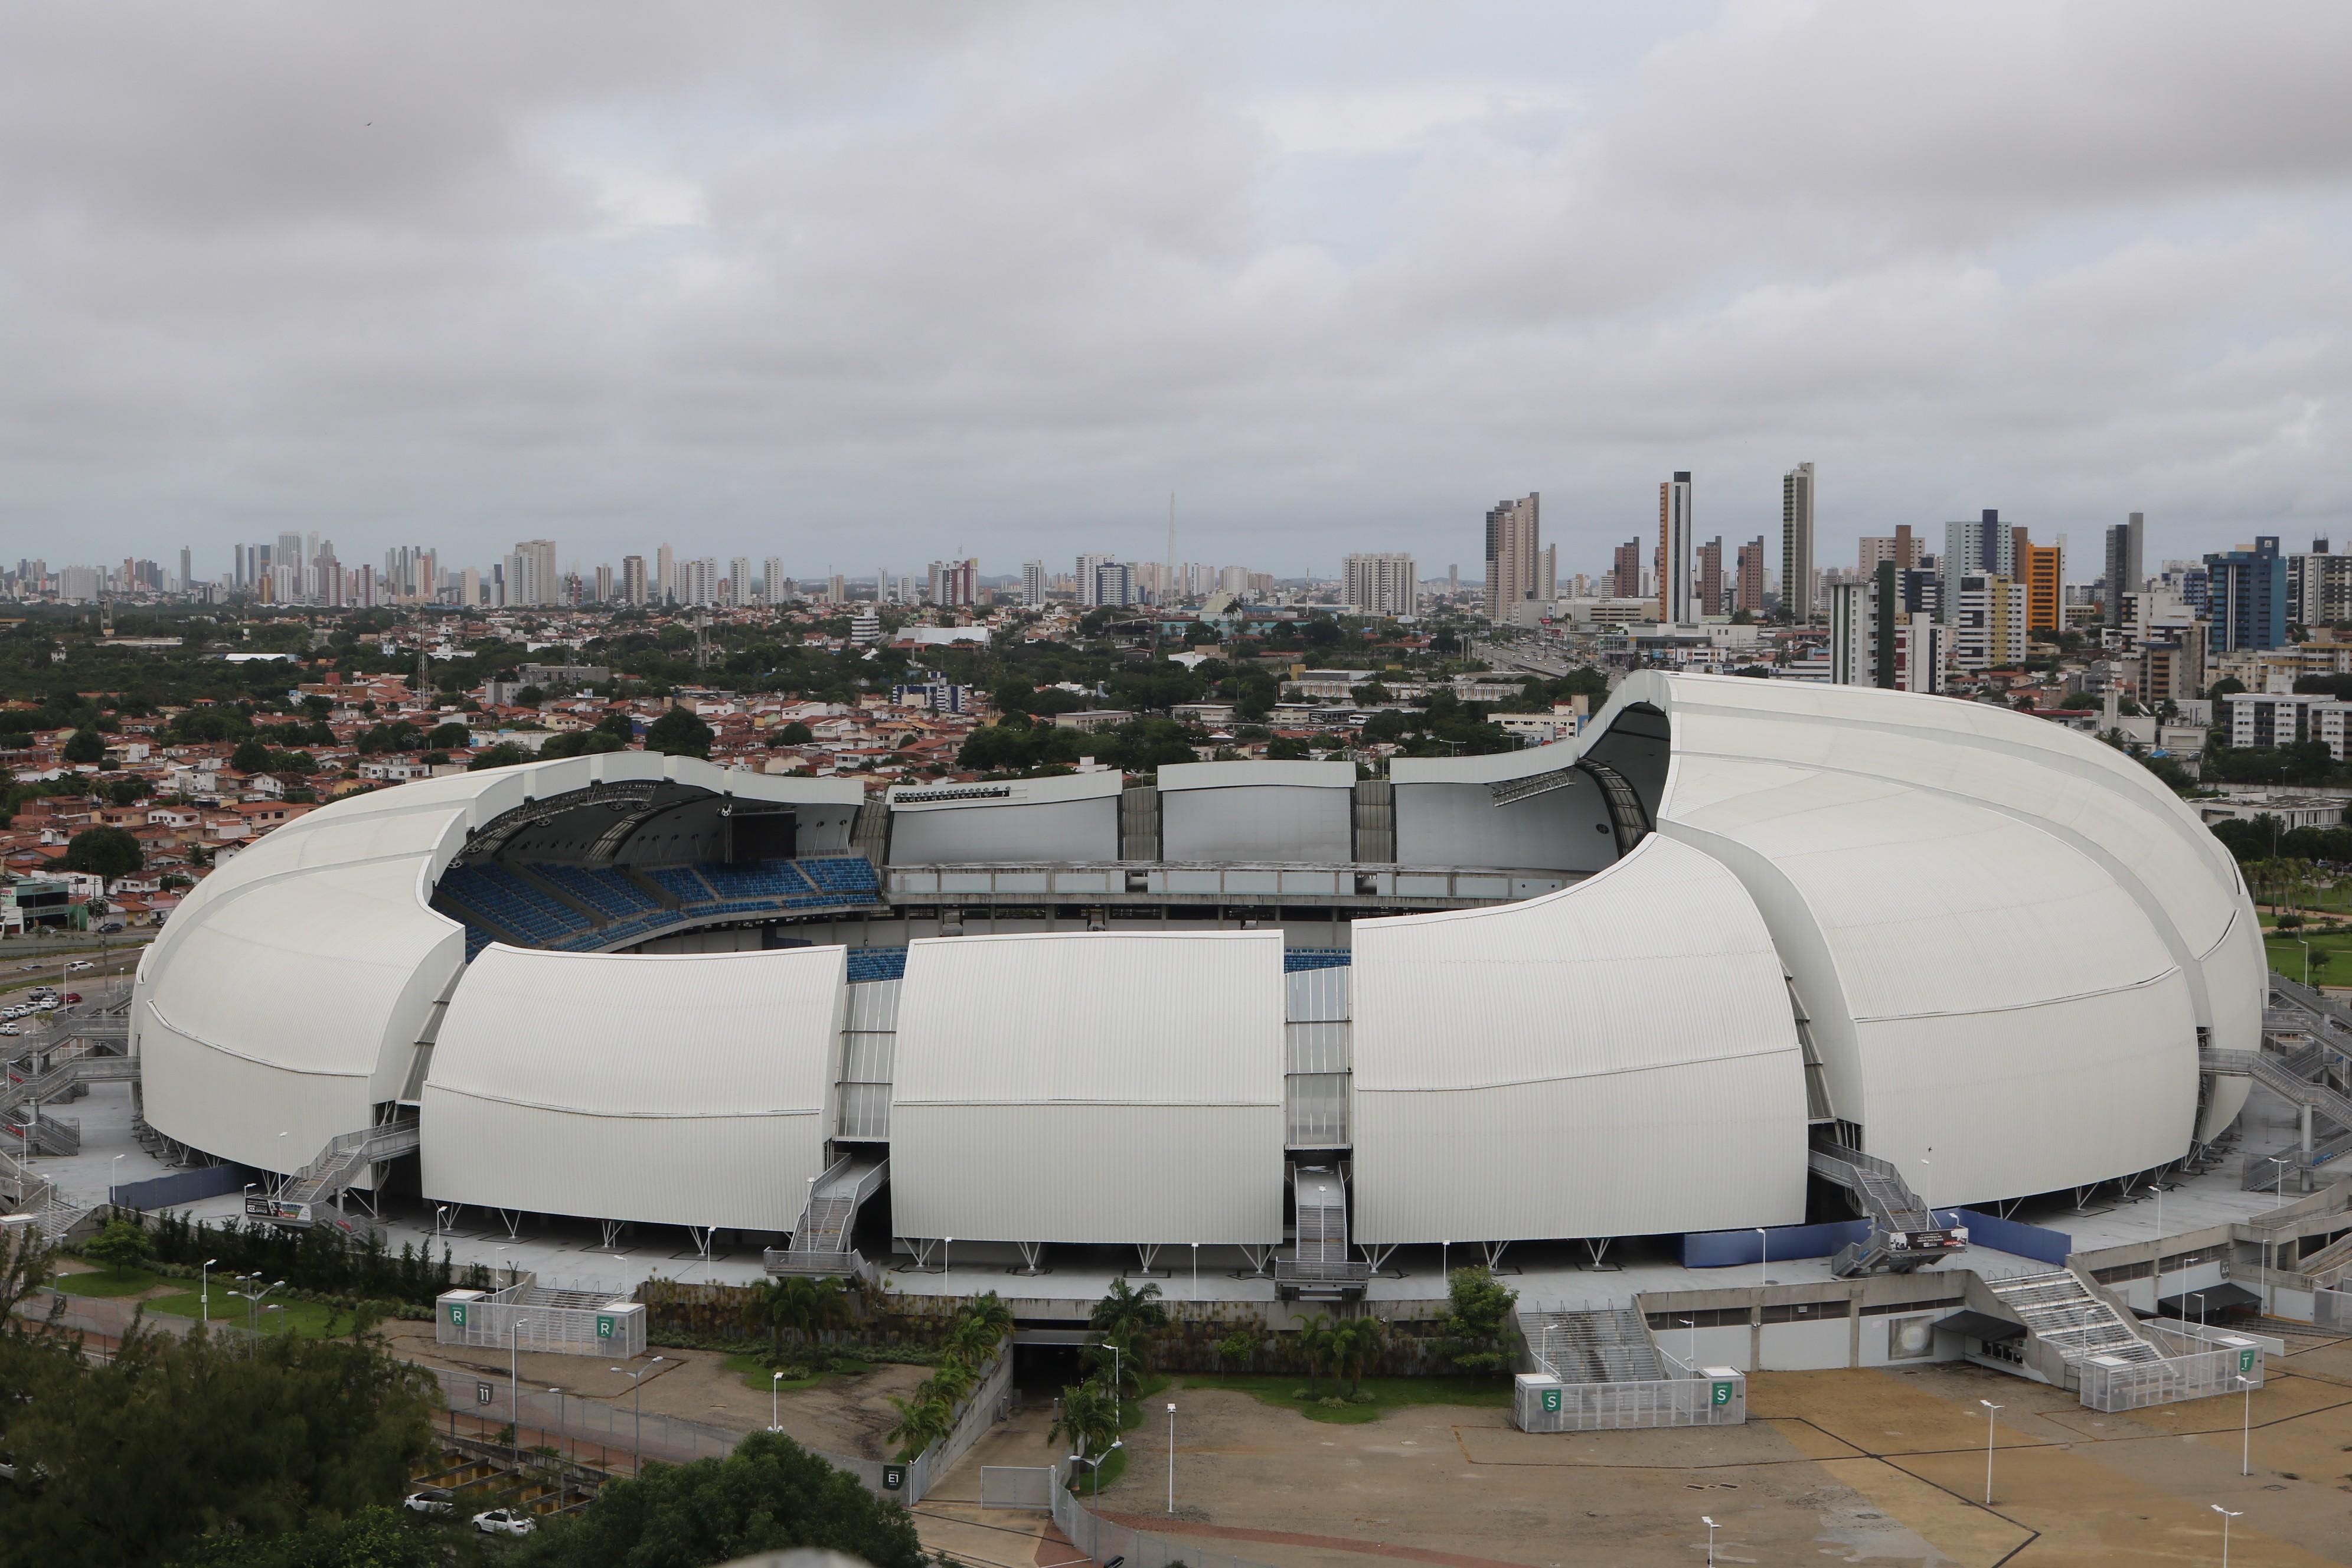 Governo do RN apresenta propostas para renegociar contrato de parceria público-privada com a Arena das Dunas; veja pontos